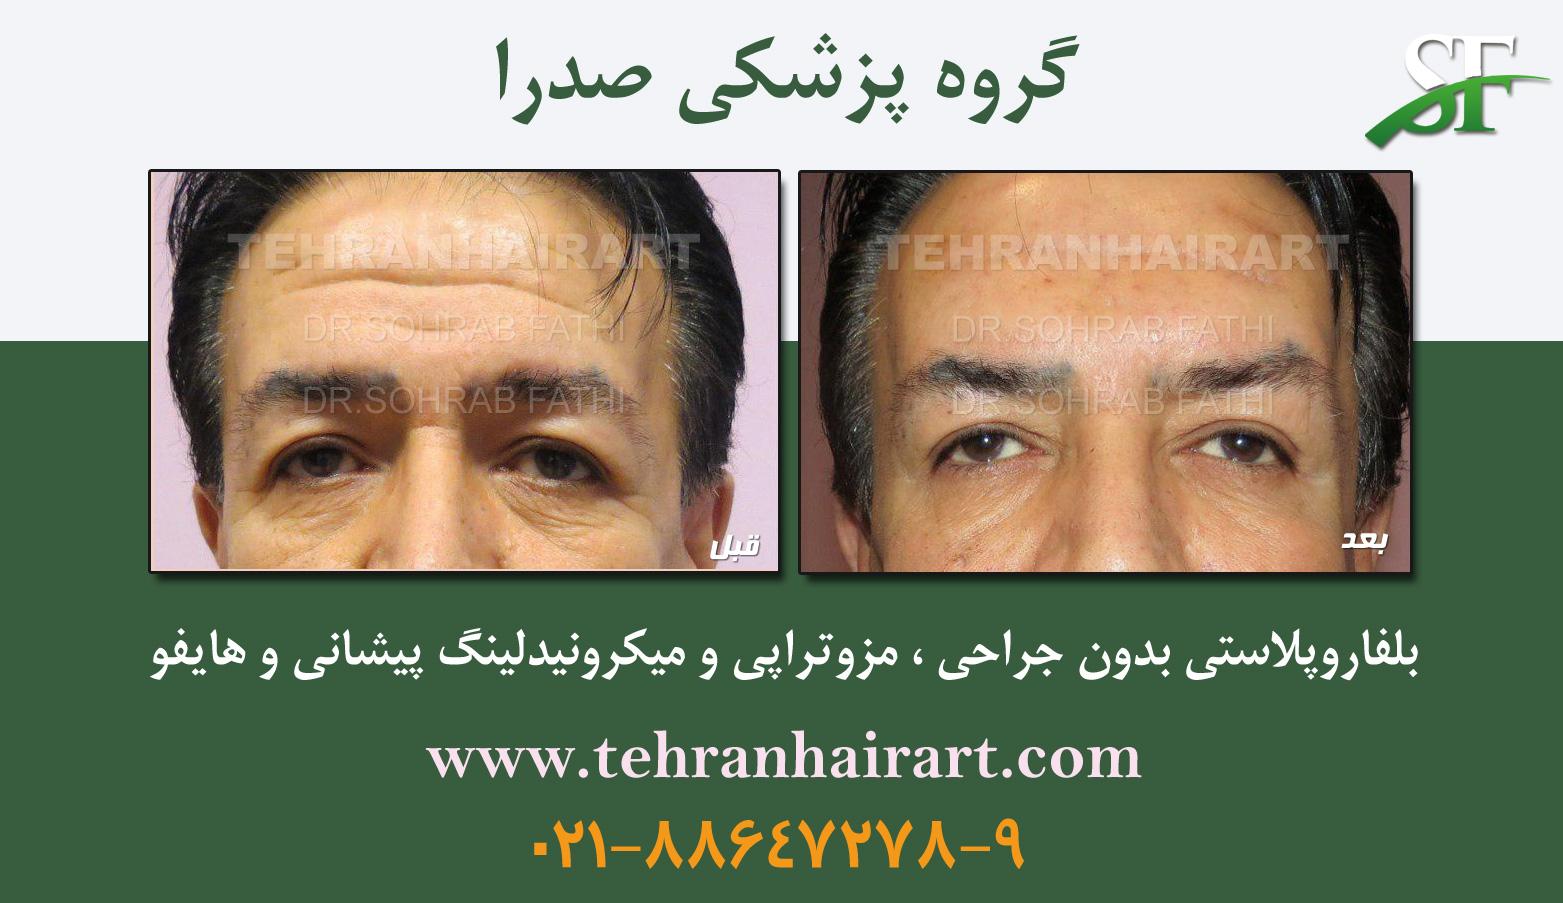 tarkibi-TEHRANHAIR